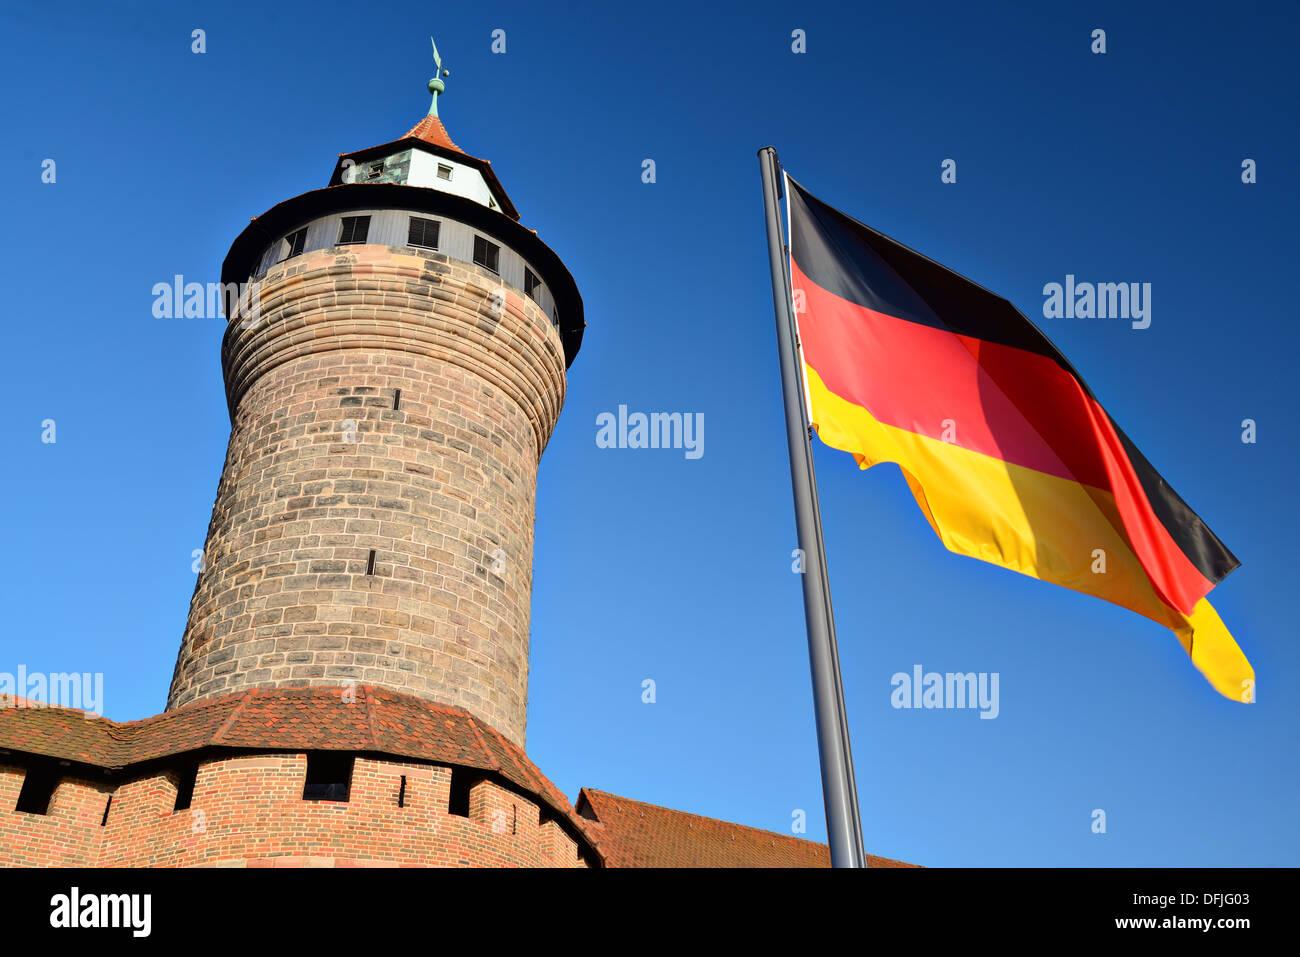 Bandera Alemana vuela al Castillo de Nuremberg en Nuremberg, Alemania. Imagen De Stock